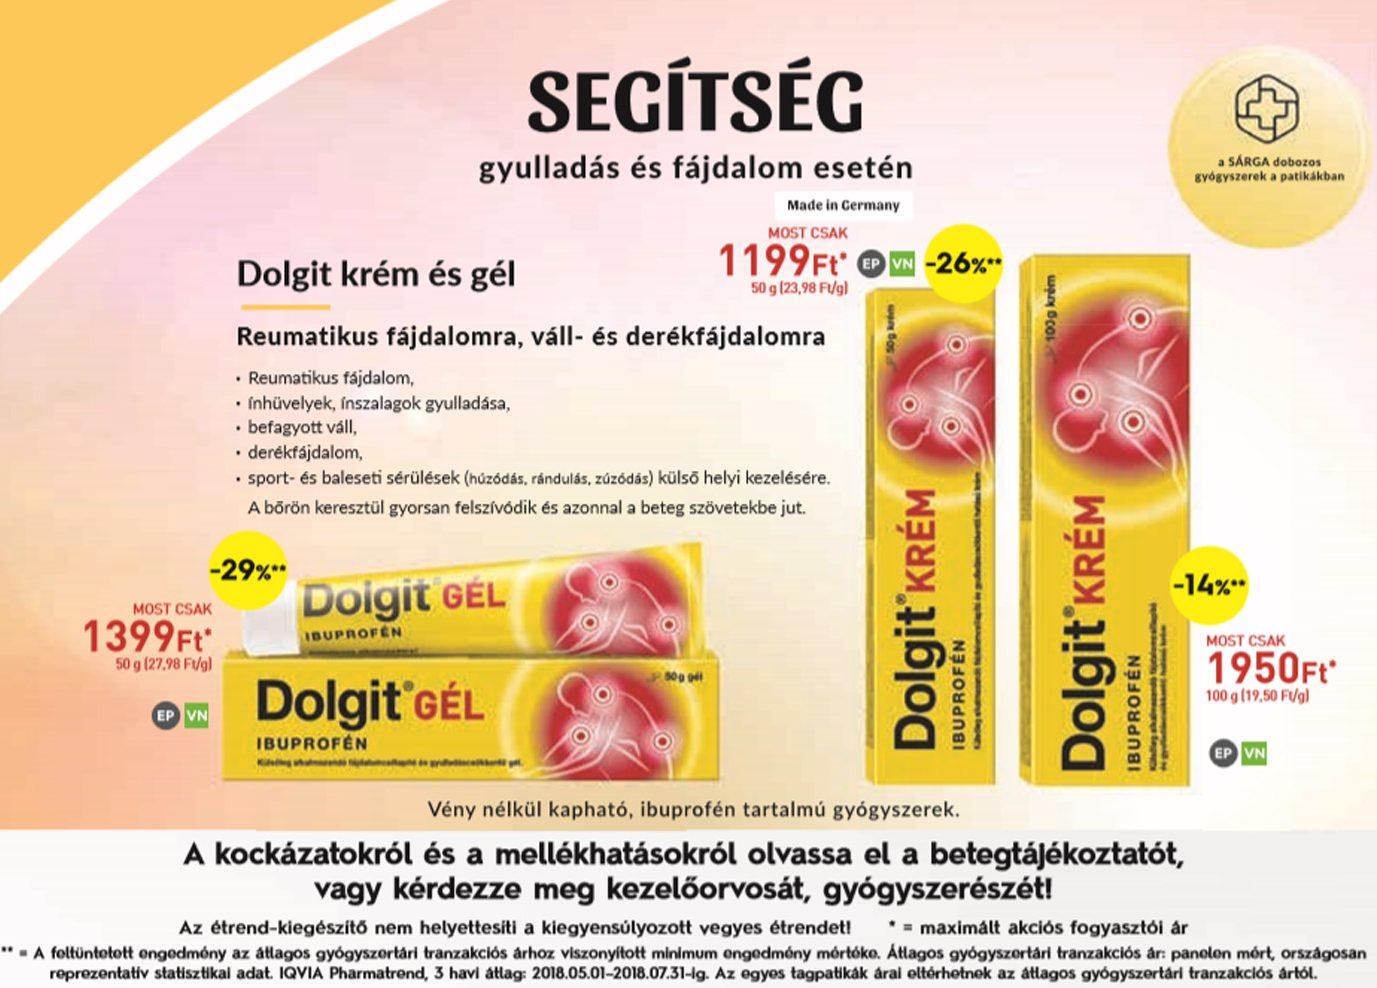 allergiák és férgek kezelése parazita 2 sorozat